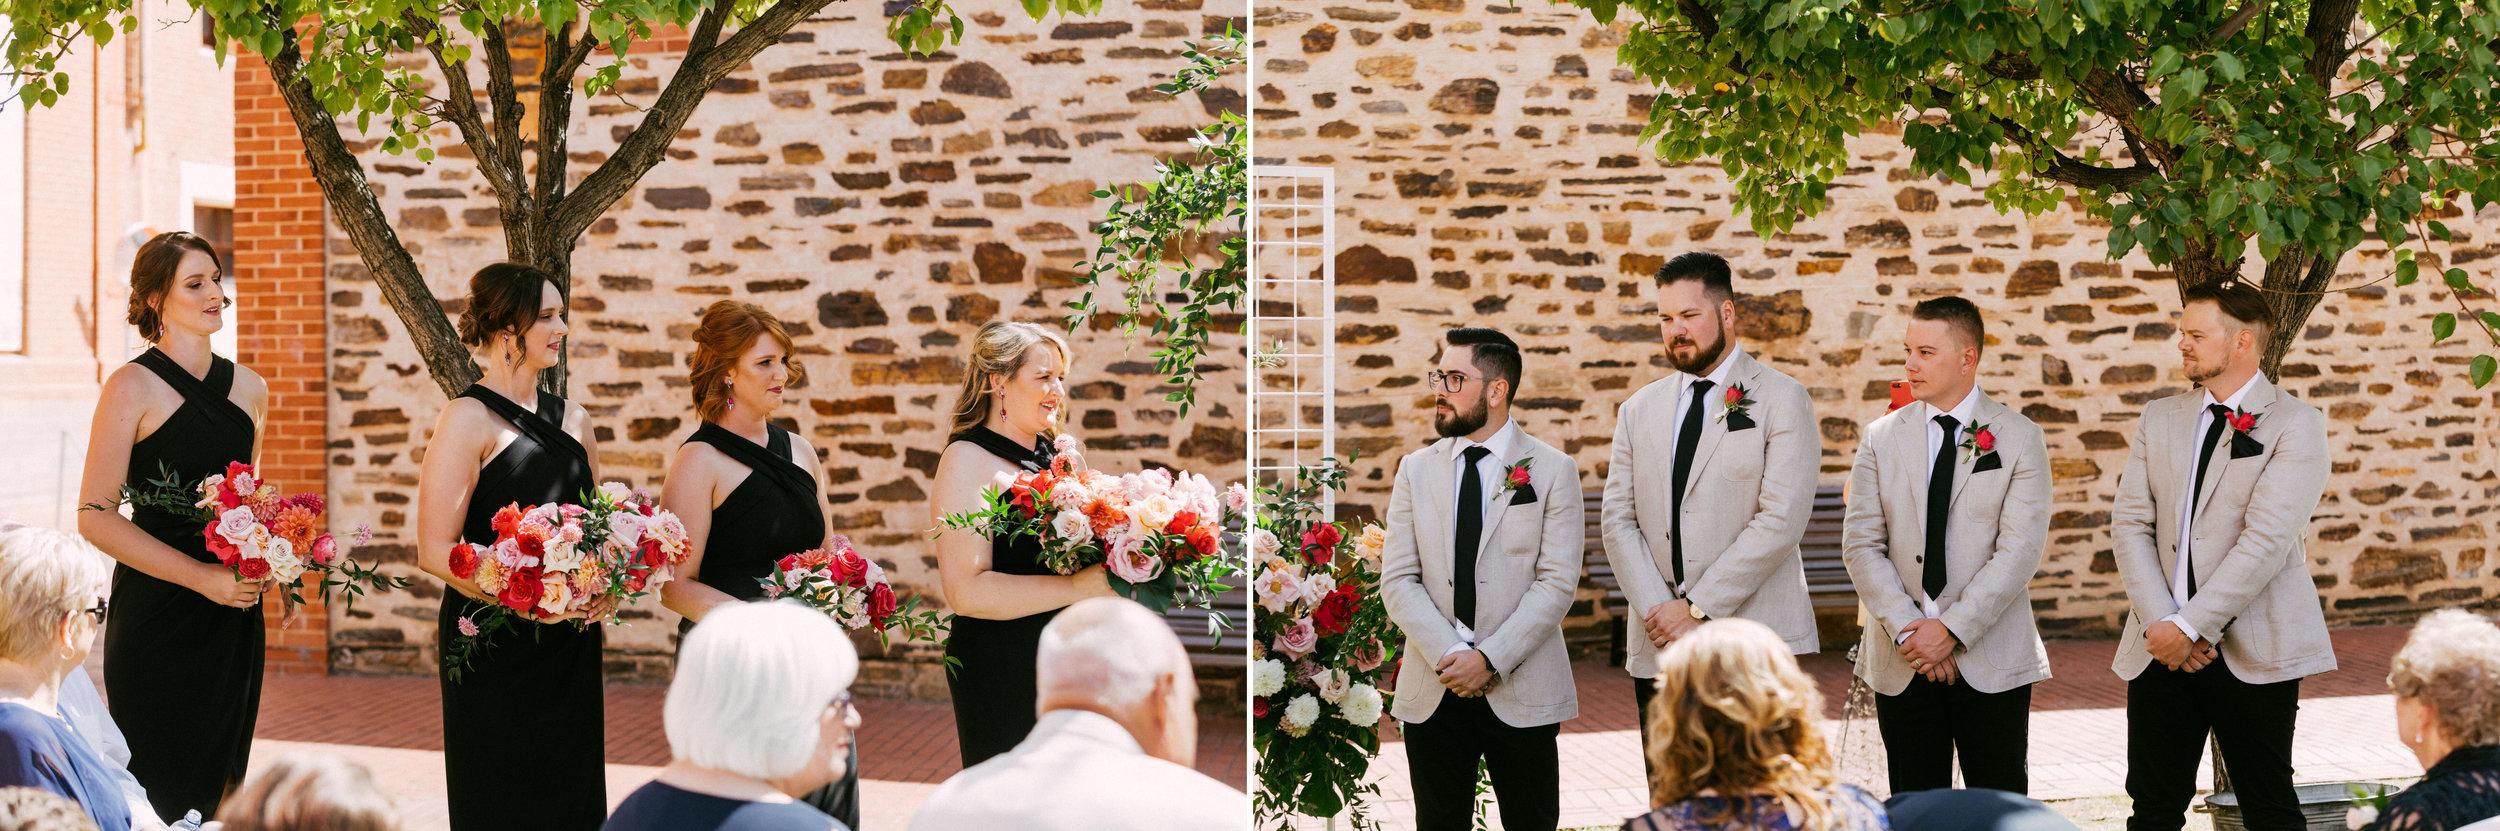 Adelaide City Fringe Garden Unearthly Delight Wedding 041.jpg